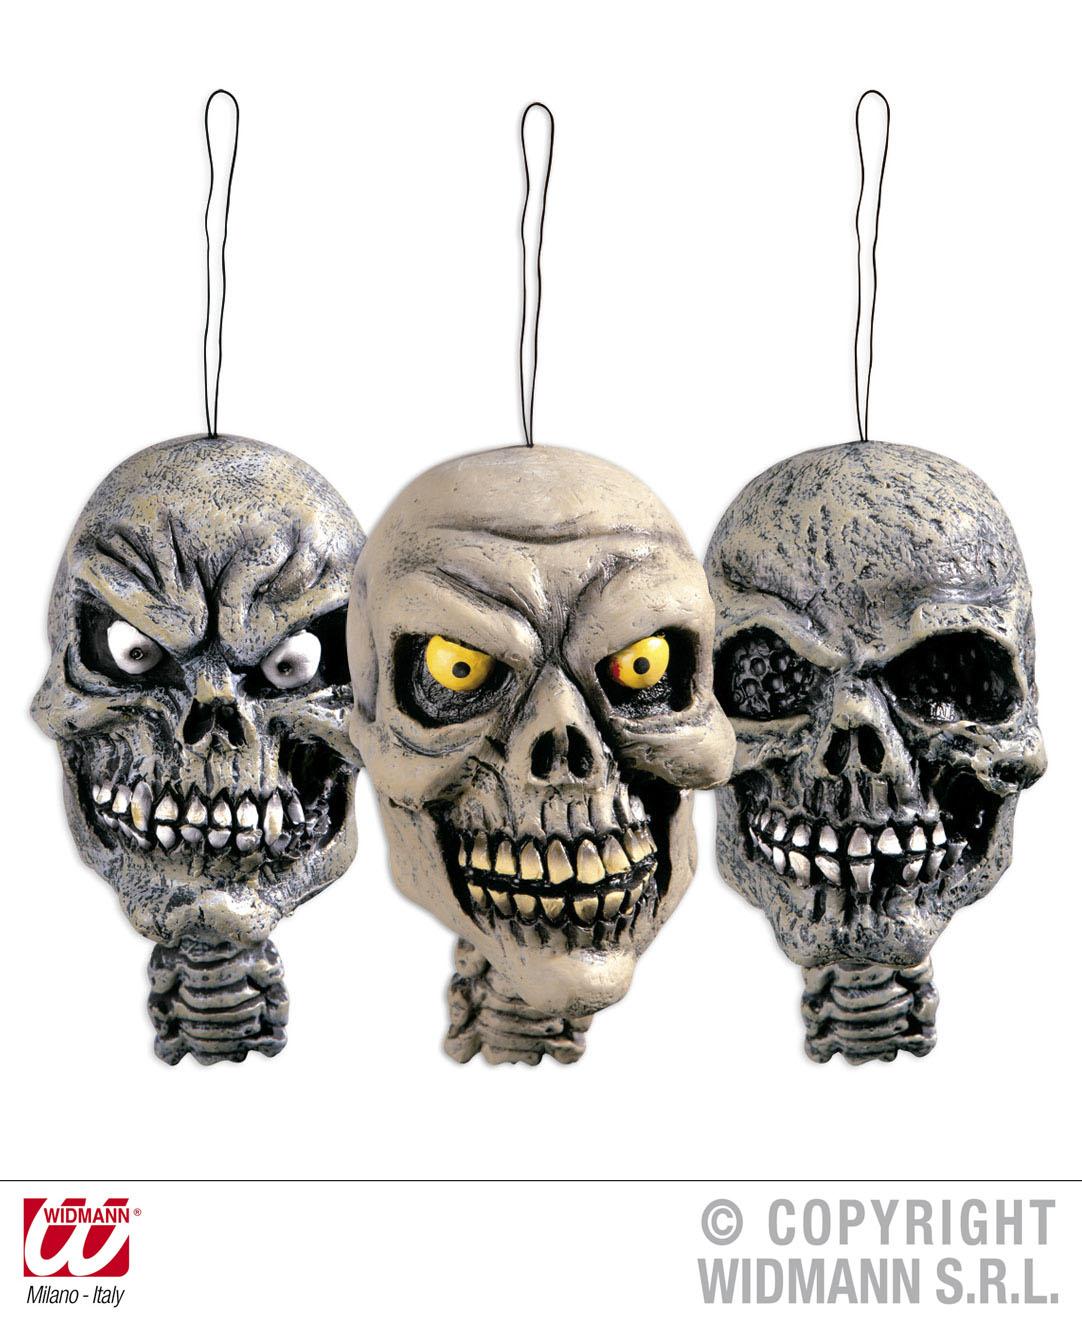 3x abgetrennter Kopf zum Hängen, Schrumpfkopf Deko Halloween,Tischdeko